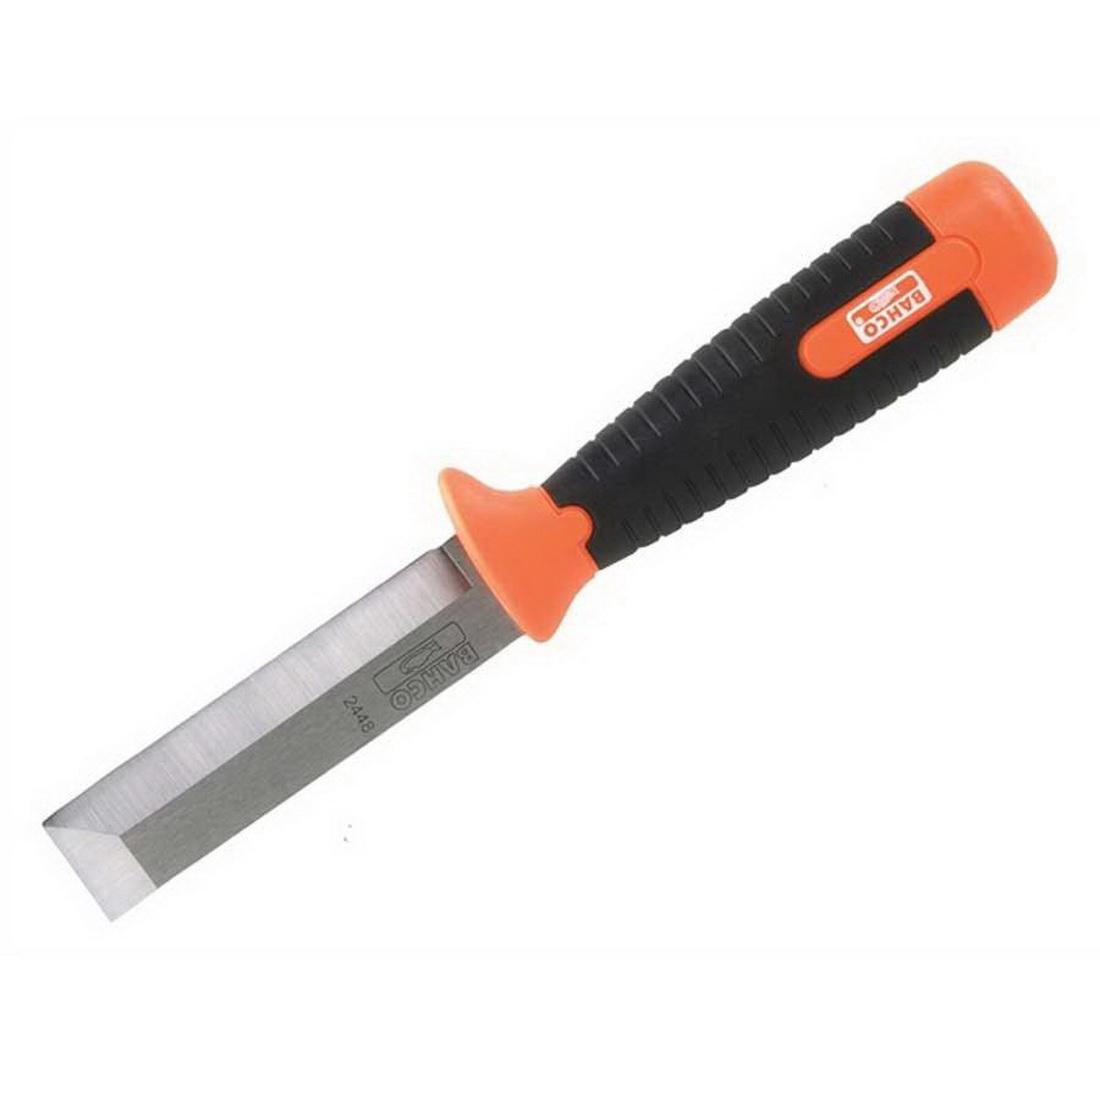 100 x 4mm Heavy Duty Wrecking Knife